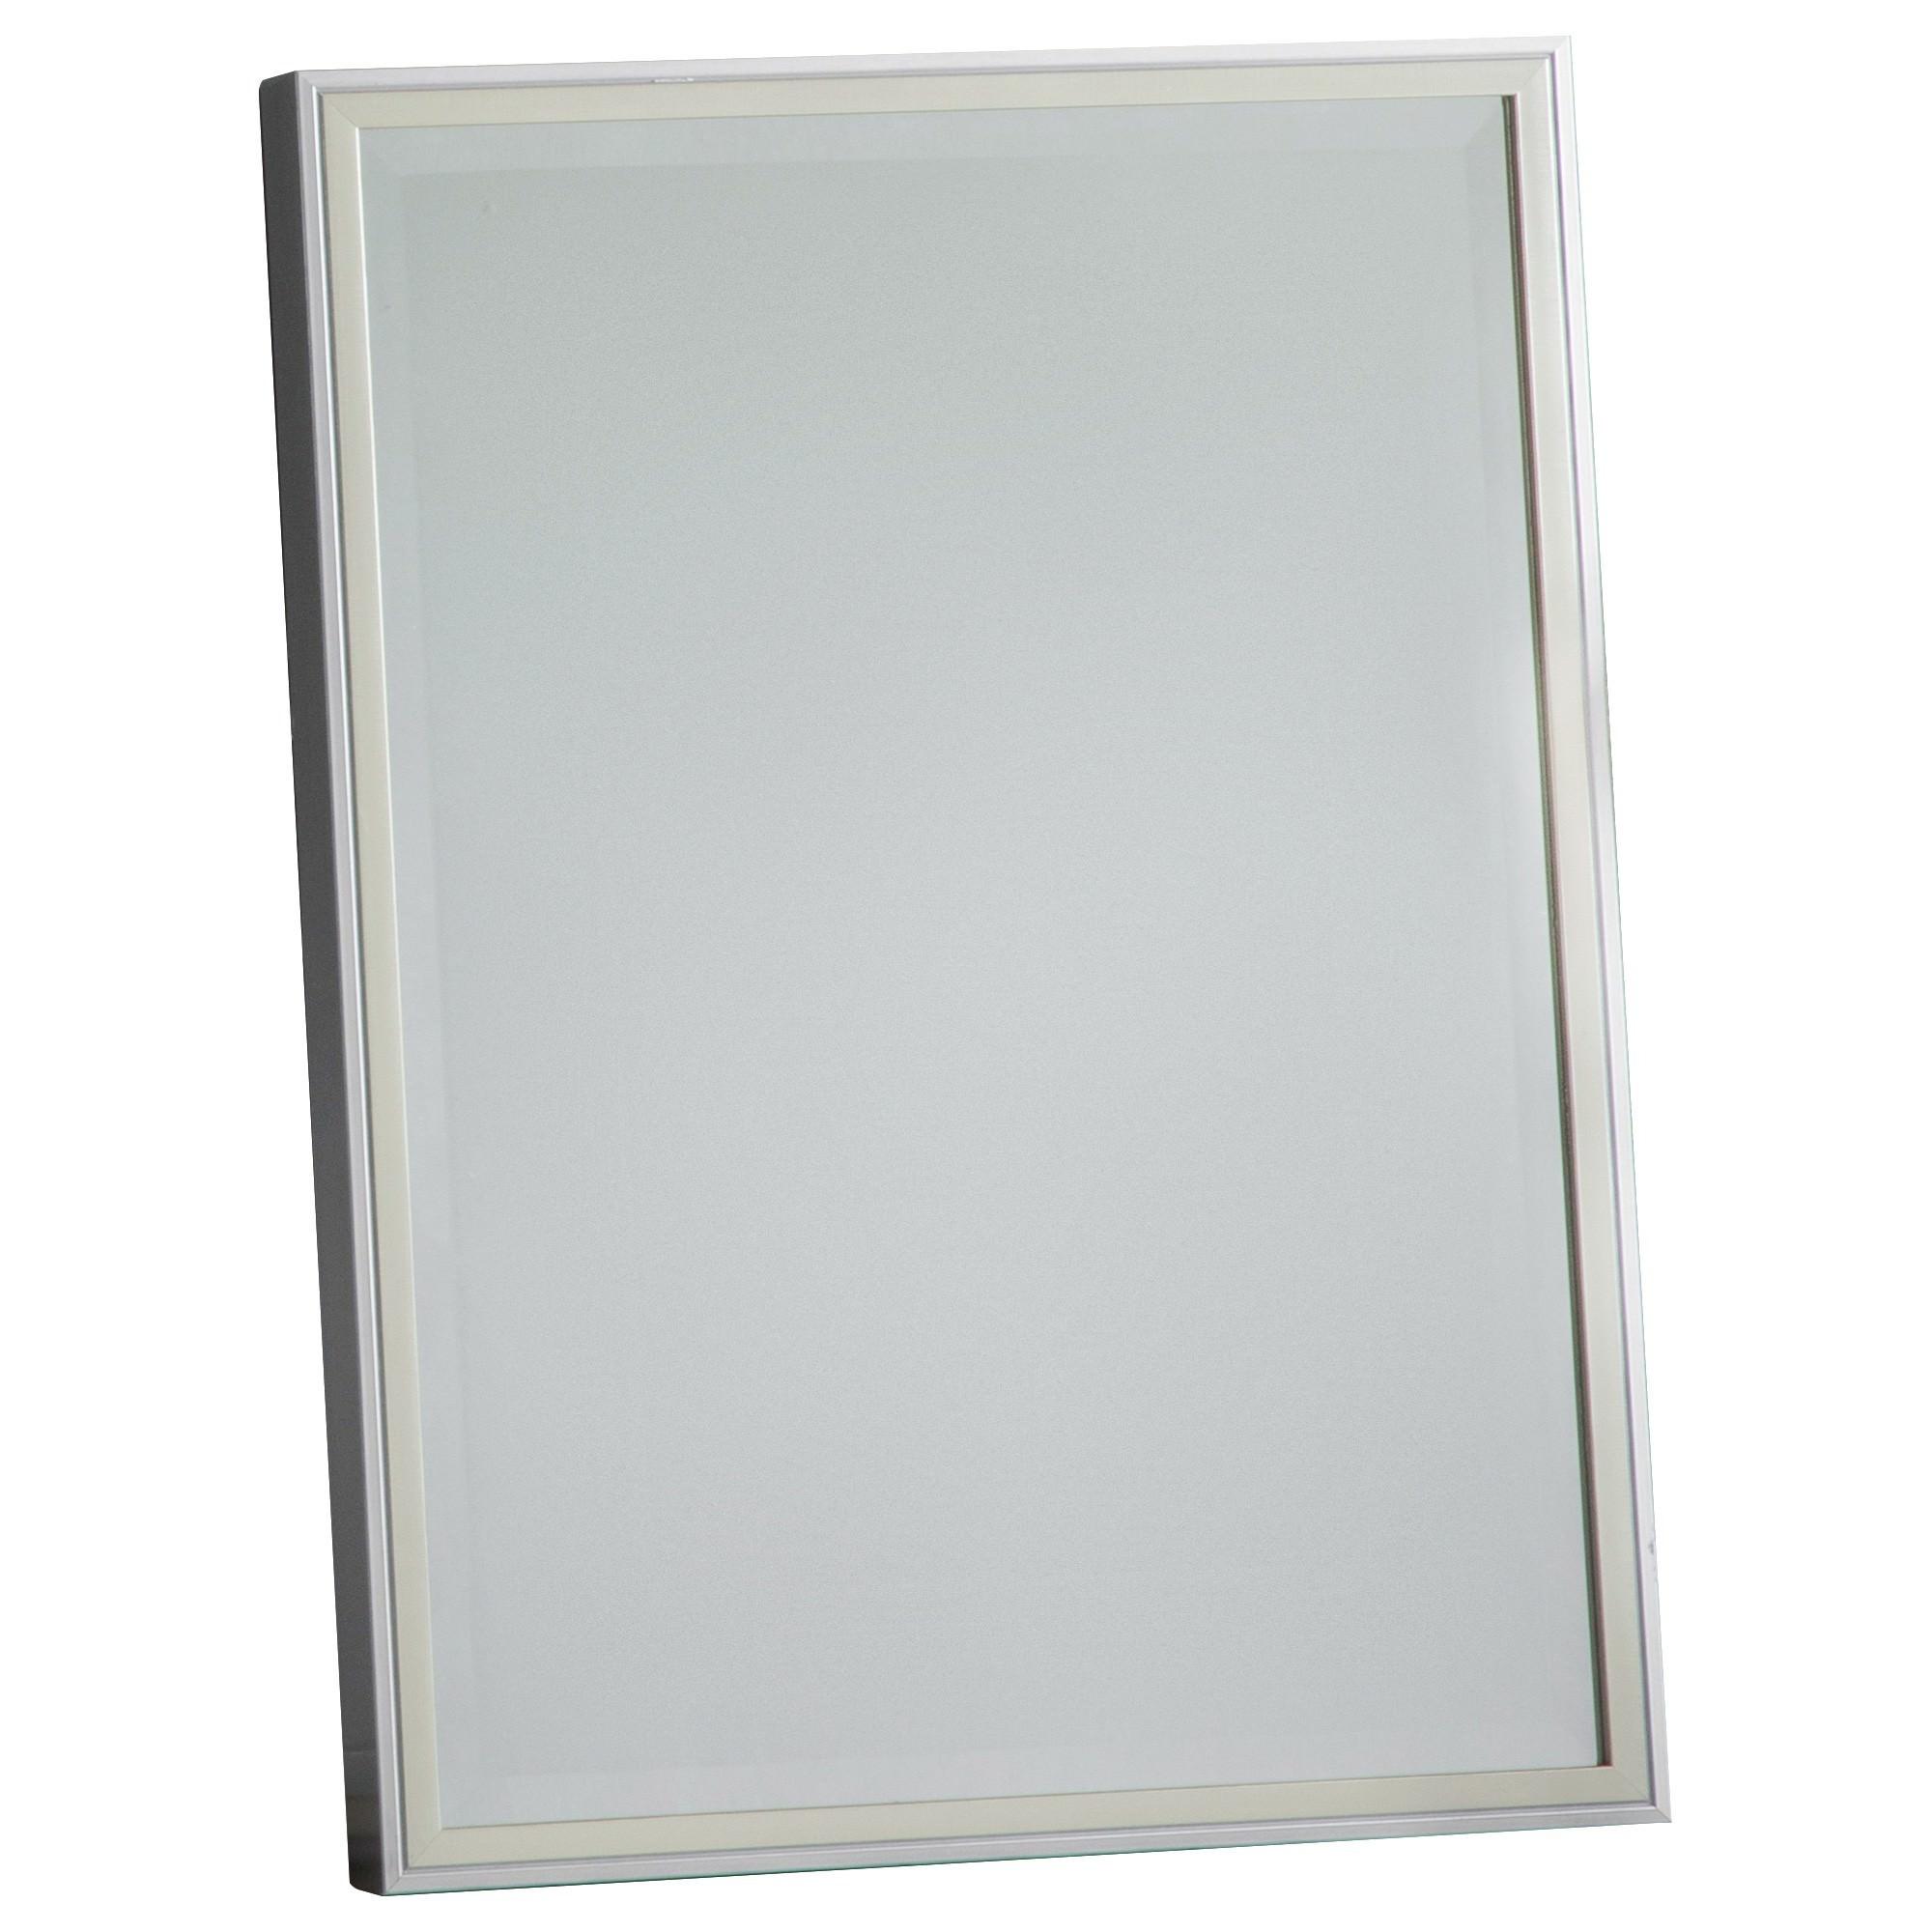 Fraser Wall Mirror, 90cm